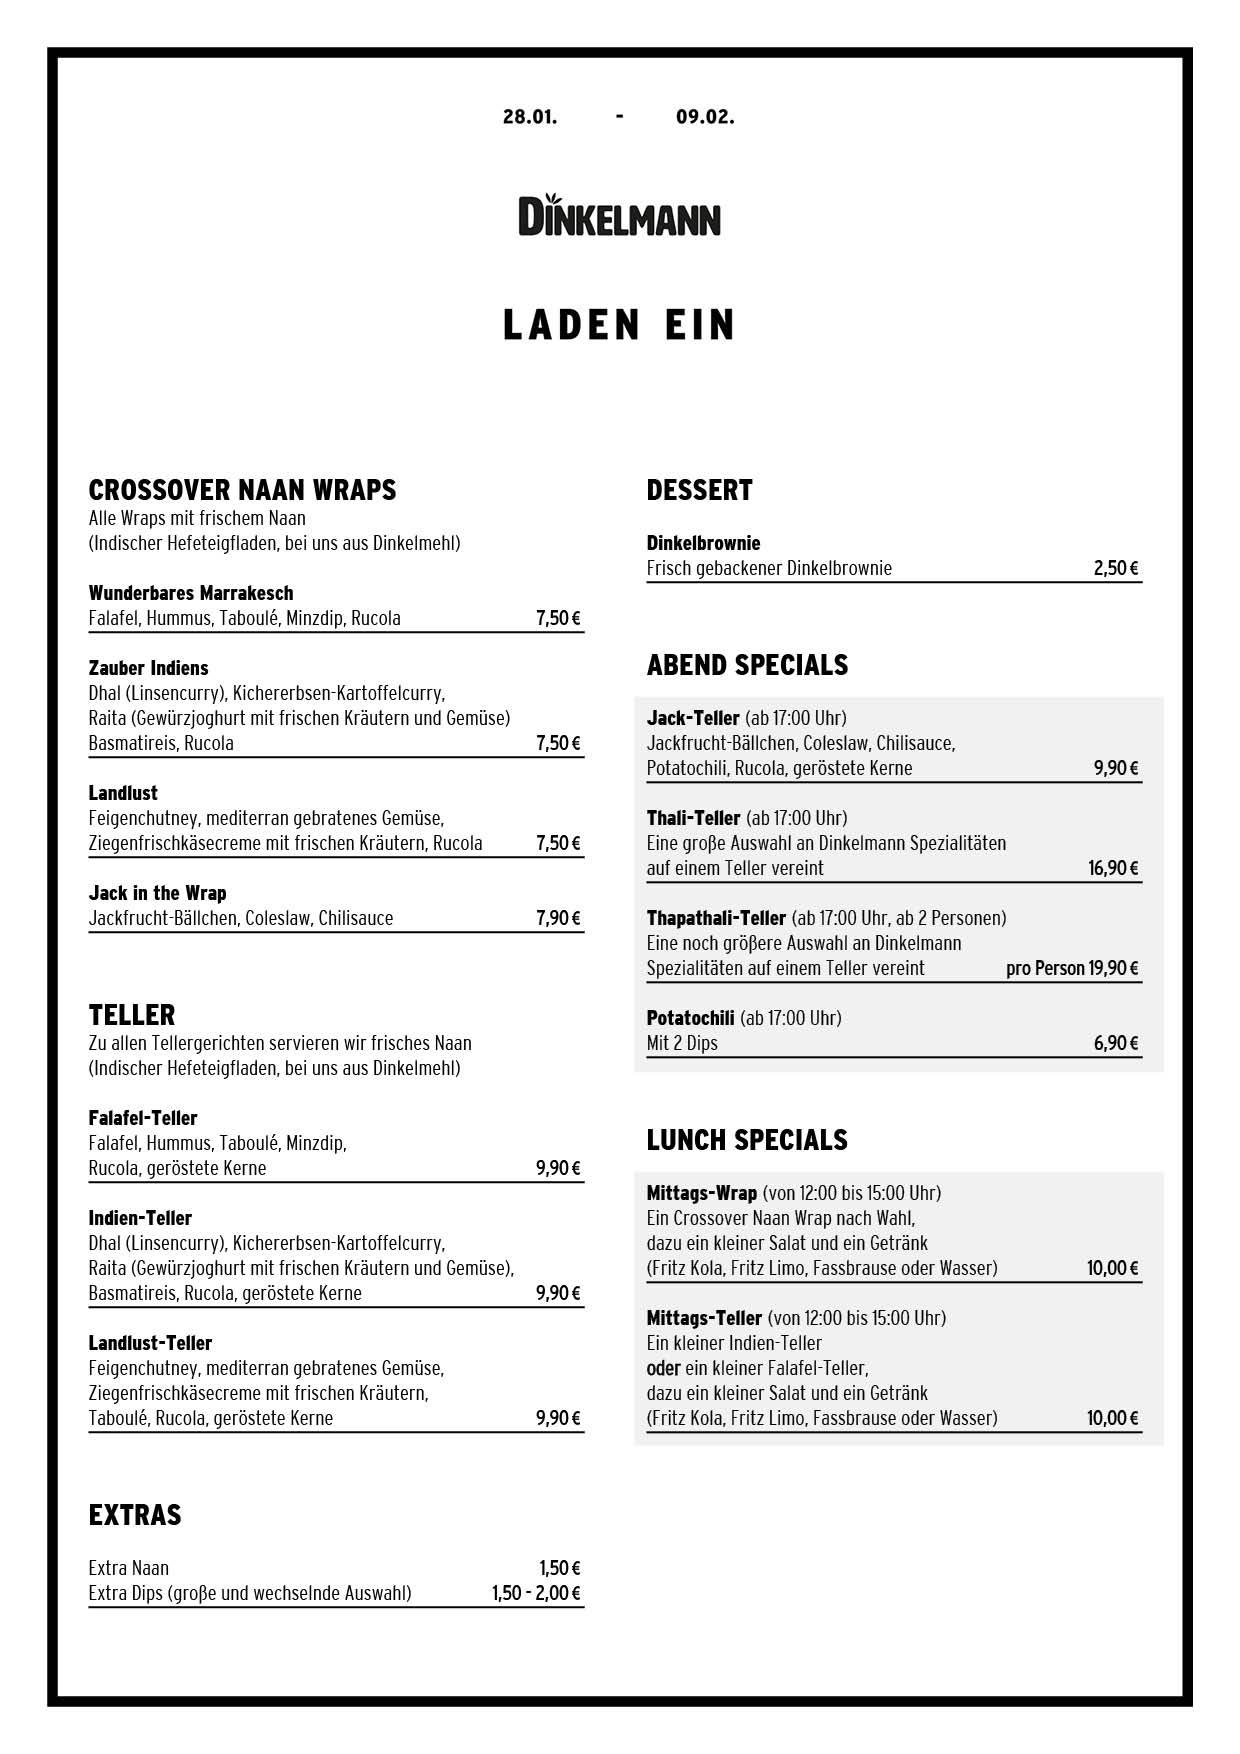 LadenEin_Dinkelmann-2_Speisekarte_DINA4-v2-150dpiM.jpg